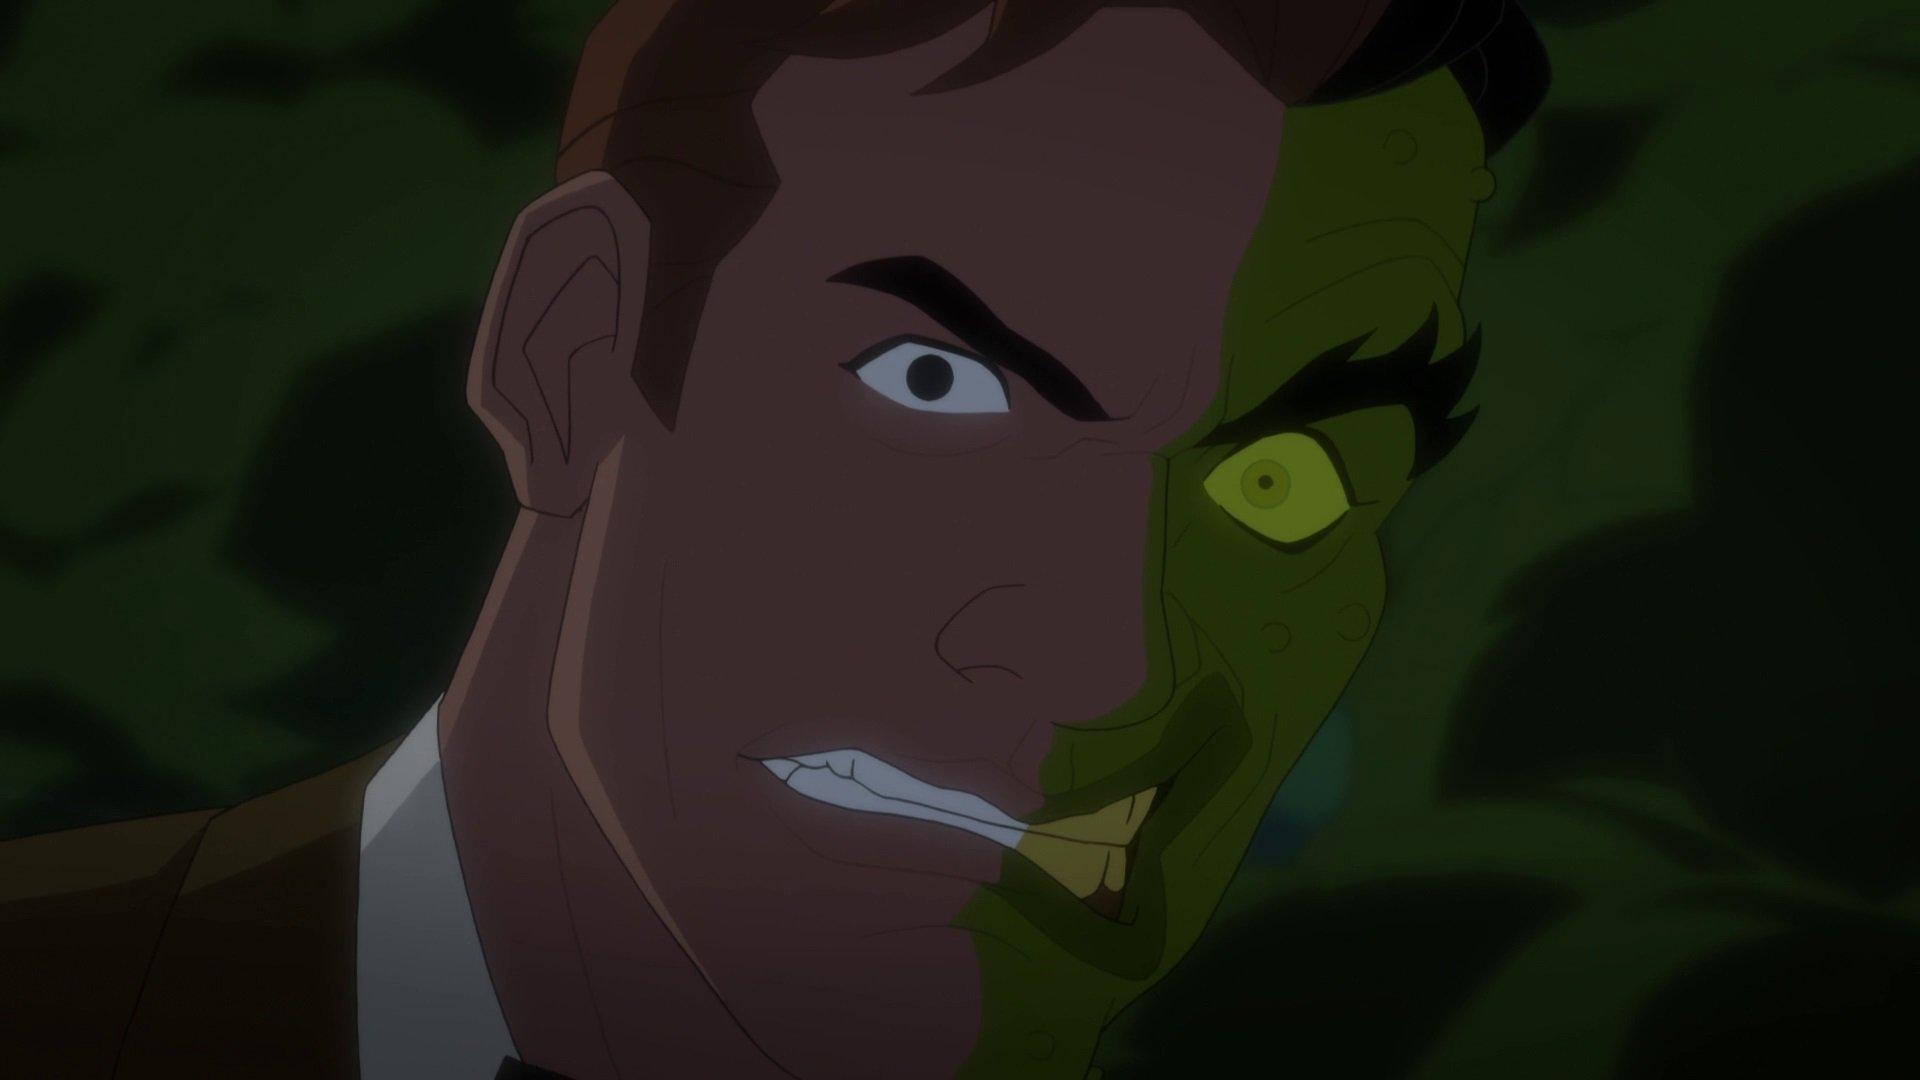 Regarder Batman vs. Two-Face en streaming gratuit